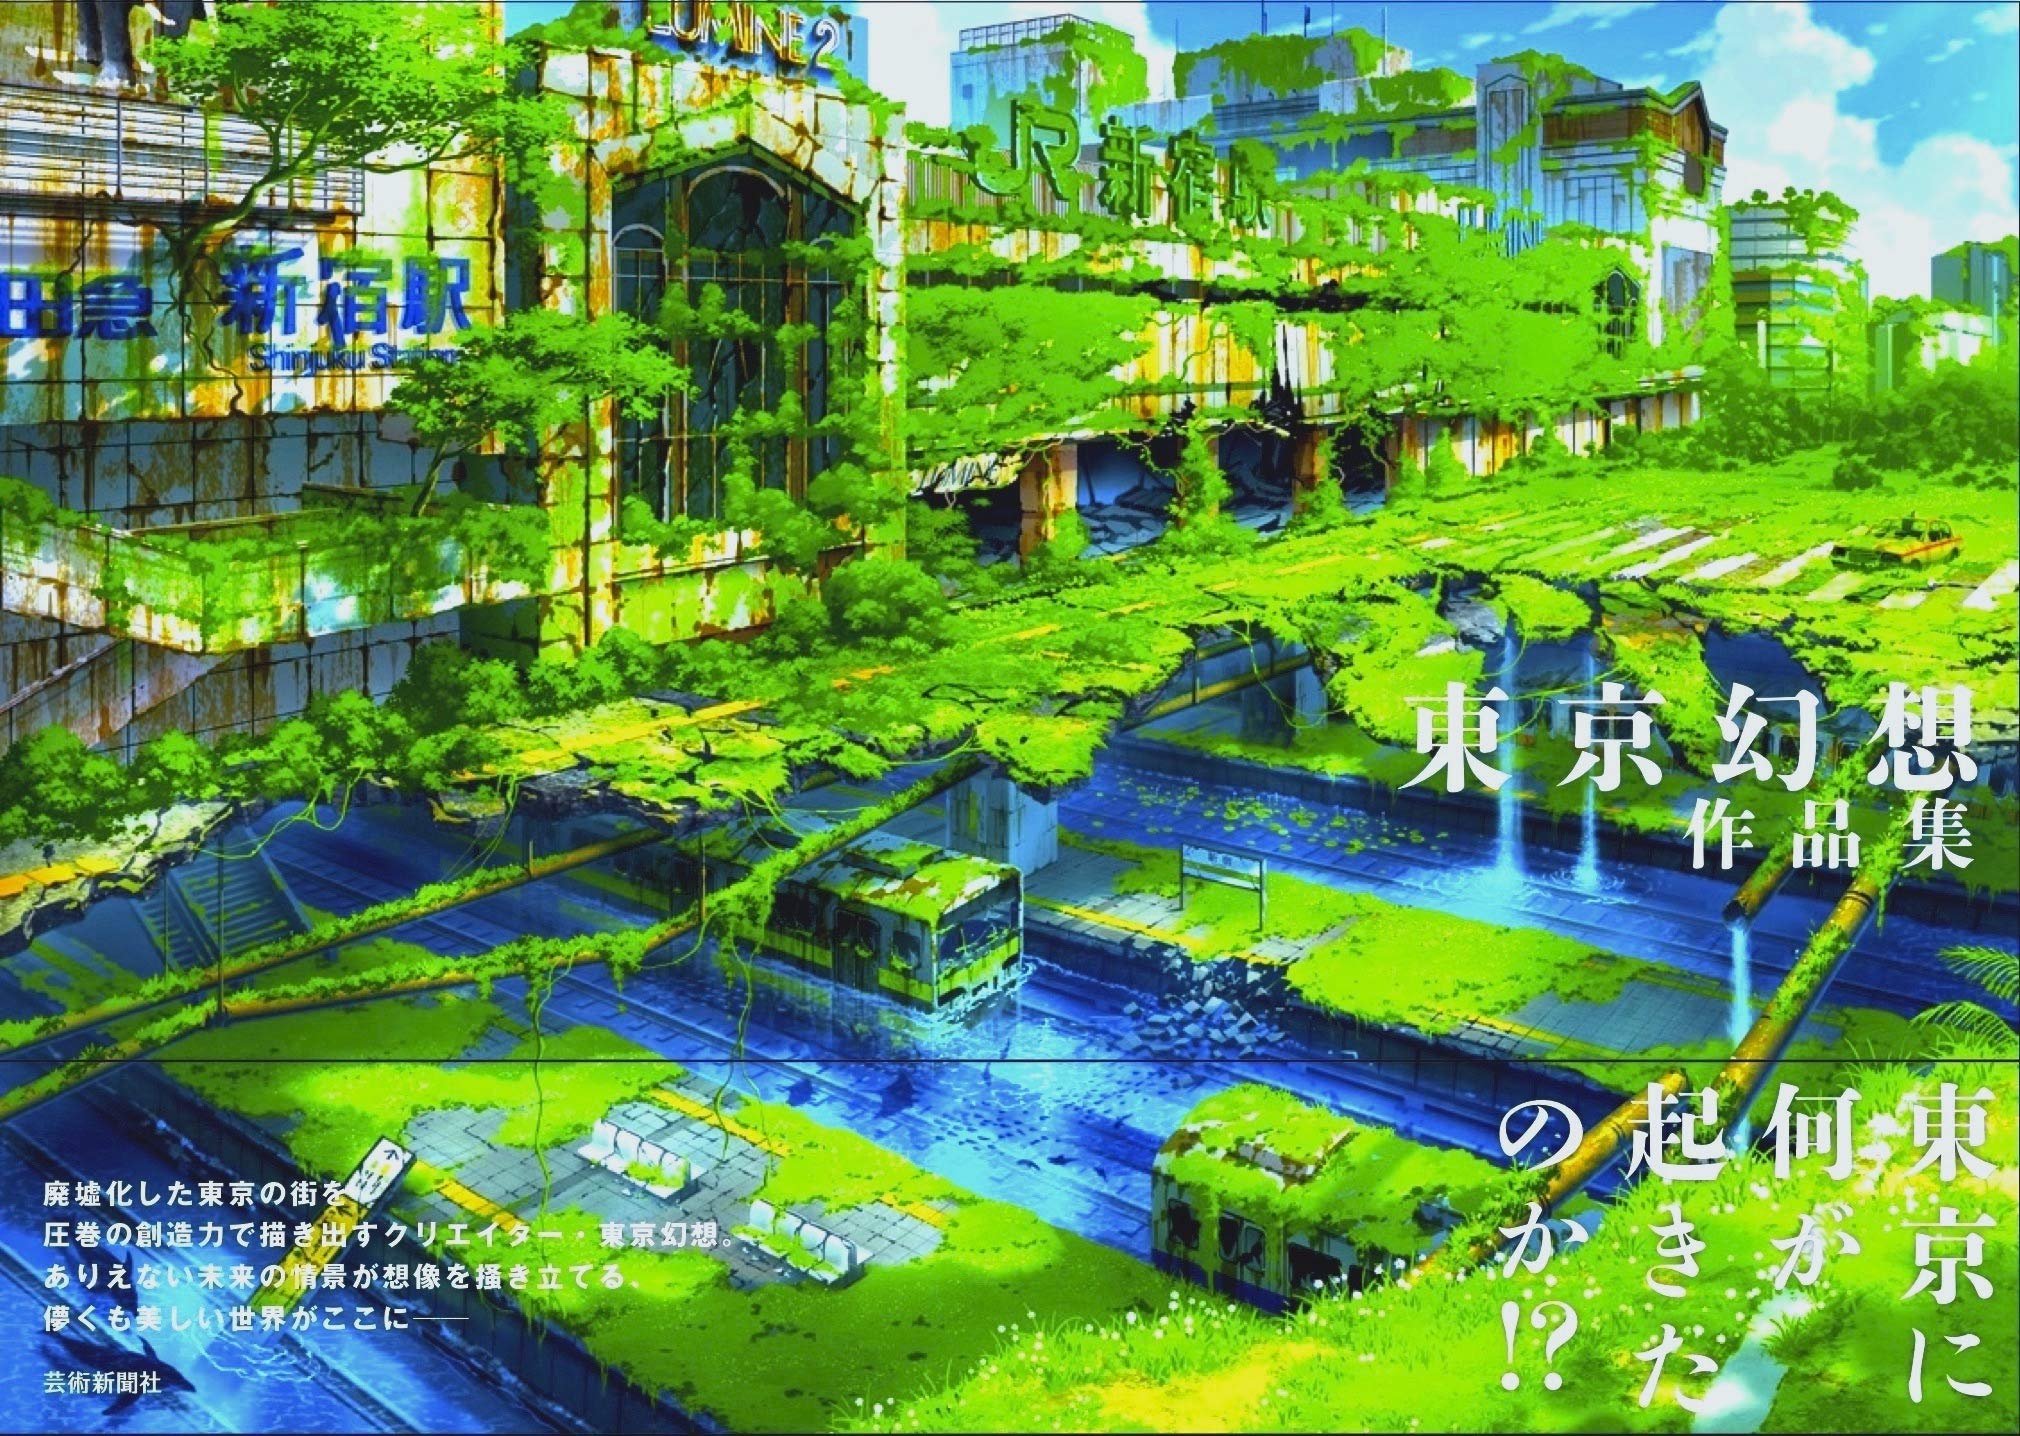 「東京幻想作品集」 廃墟化した東京… 儚くも美しい非日常の世界